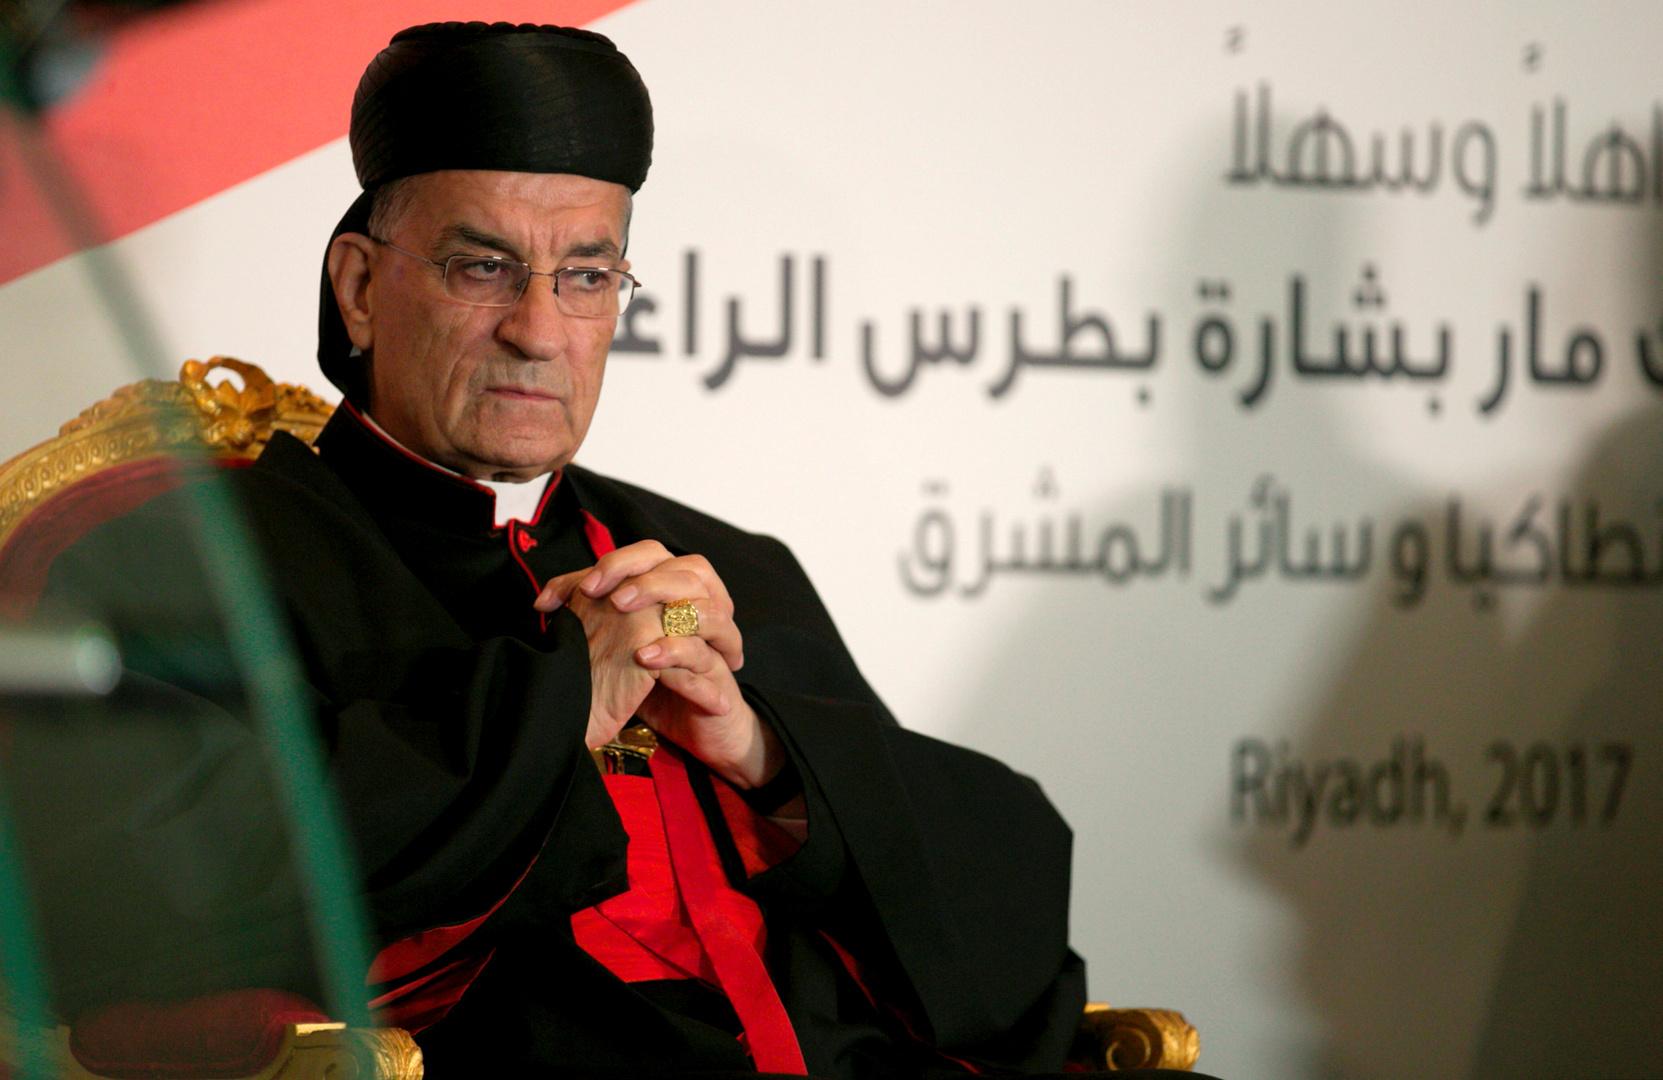 البطريرك الماروني في لبنان مار بشارة بطرس الراعي